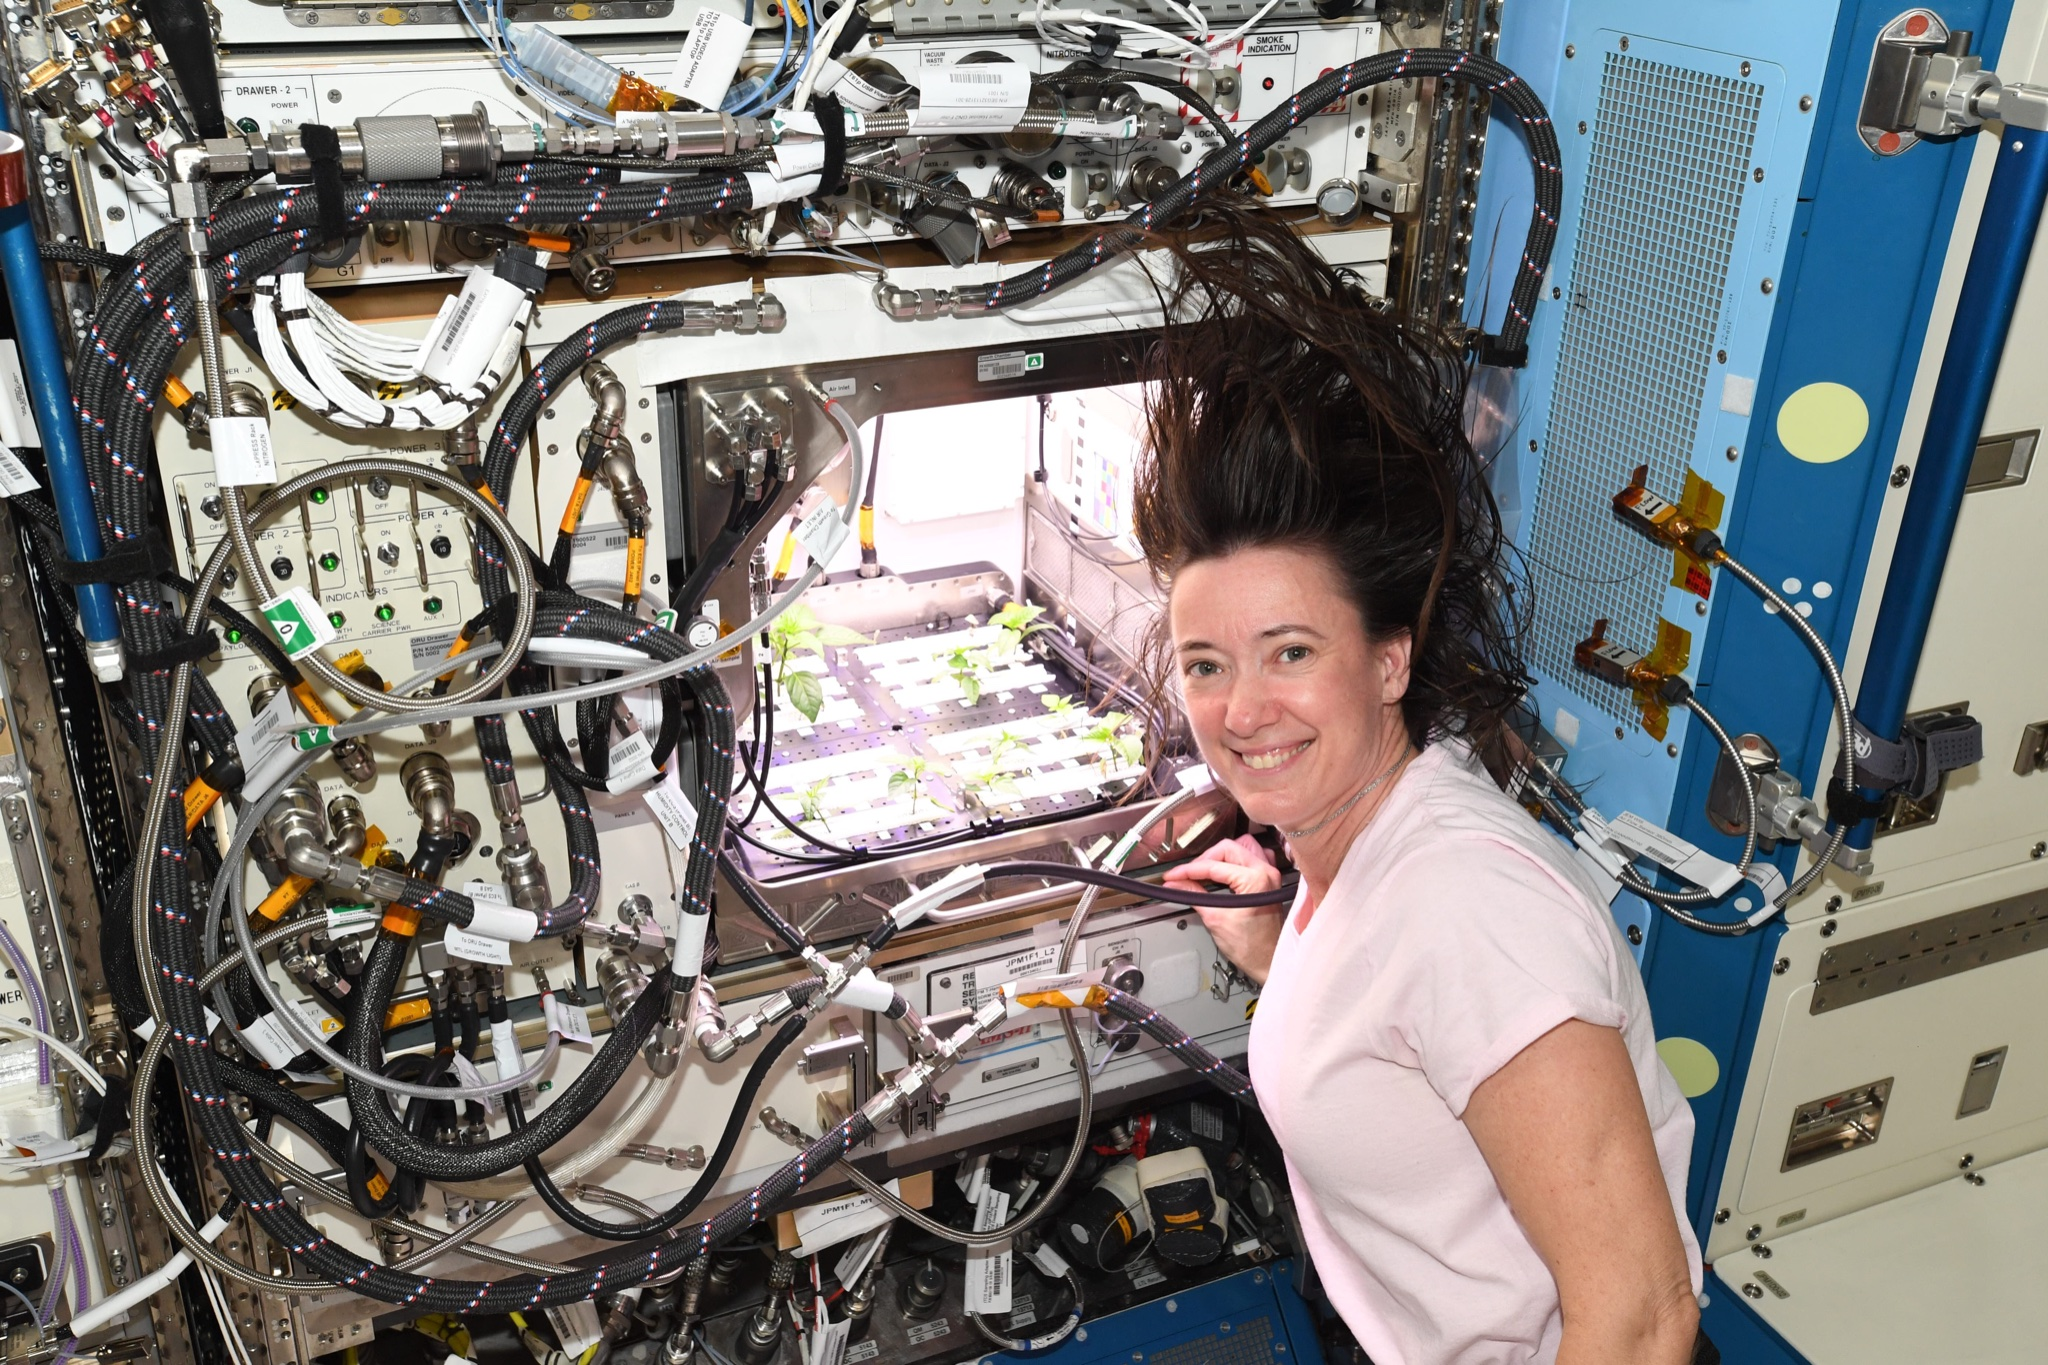 В NASA показали перец, который вырос в космосе - фото 2